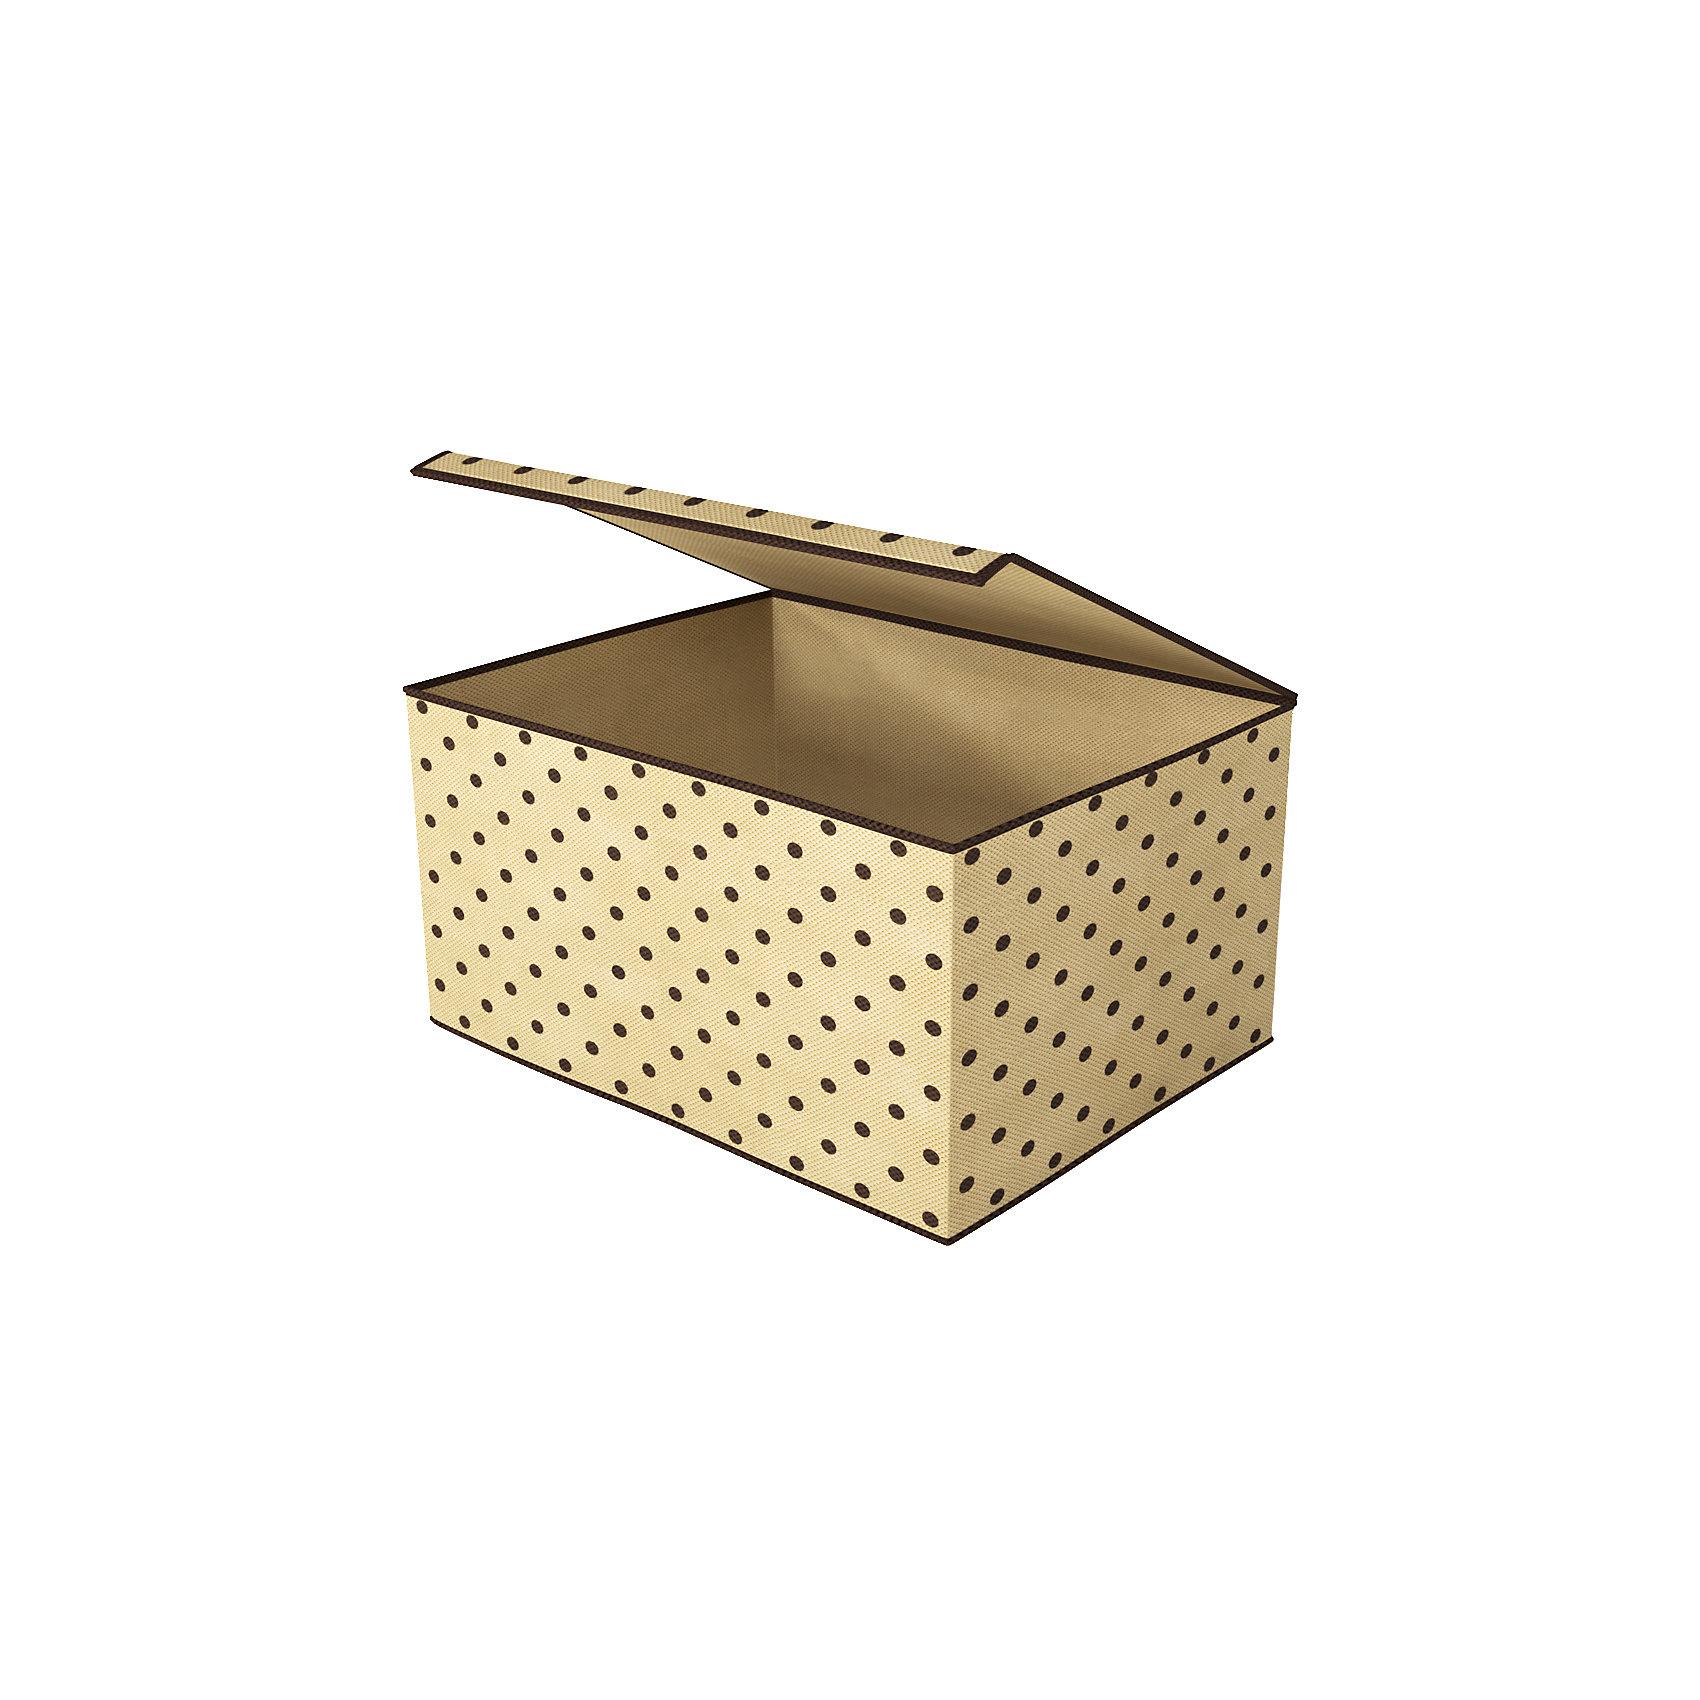 Коробка для хранения вещей с крышкой (25х19х15 см), HomsuПорядок в детской<br>Универсальная коробка для хранения вещей с крышкой. Идеально подходит для хранения шапок, перчаток, ремней и других аксессуаров. Выполнена в классическом дизайне, благодаря чему гармонично впишется в любой интерьер.<br><br>Ширина мм: 250<br>Глубина мм: 190<br>Высота мм: 20<br>Вес г: 200<br>Возраст от месяцев: 216<br>Возраст до месяцев: 1188<br>Пол: Унисекс<br>Возраст: Детский<br>SKU: 5620091